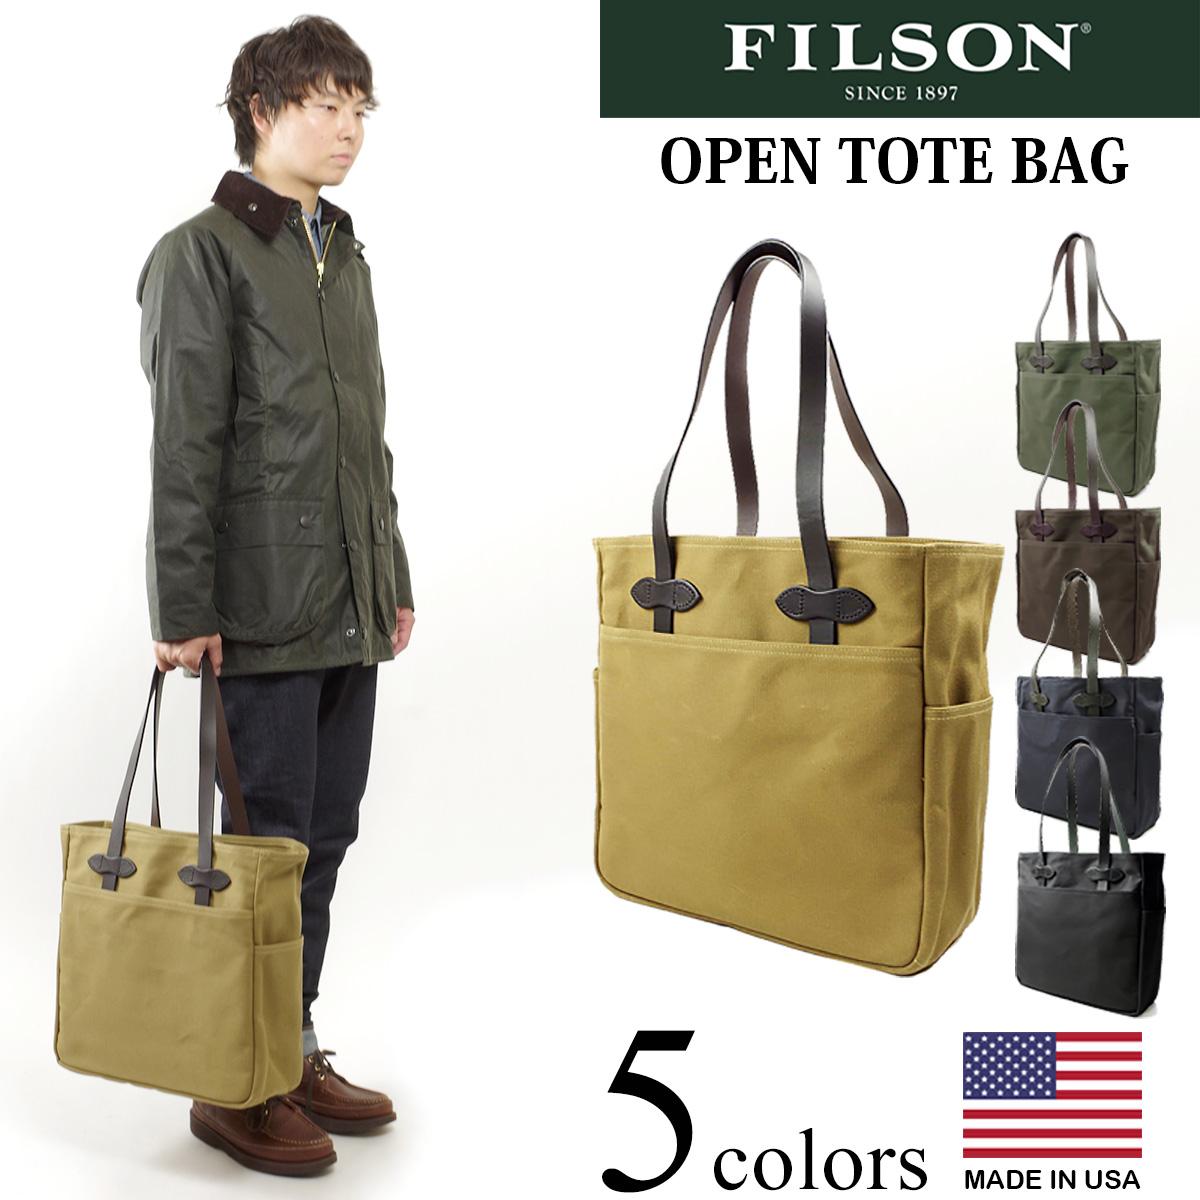 フィルソン FILSON オープン トート バッグ (米国製 OPEN TOTE BAG)